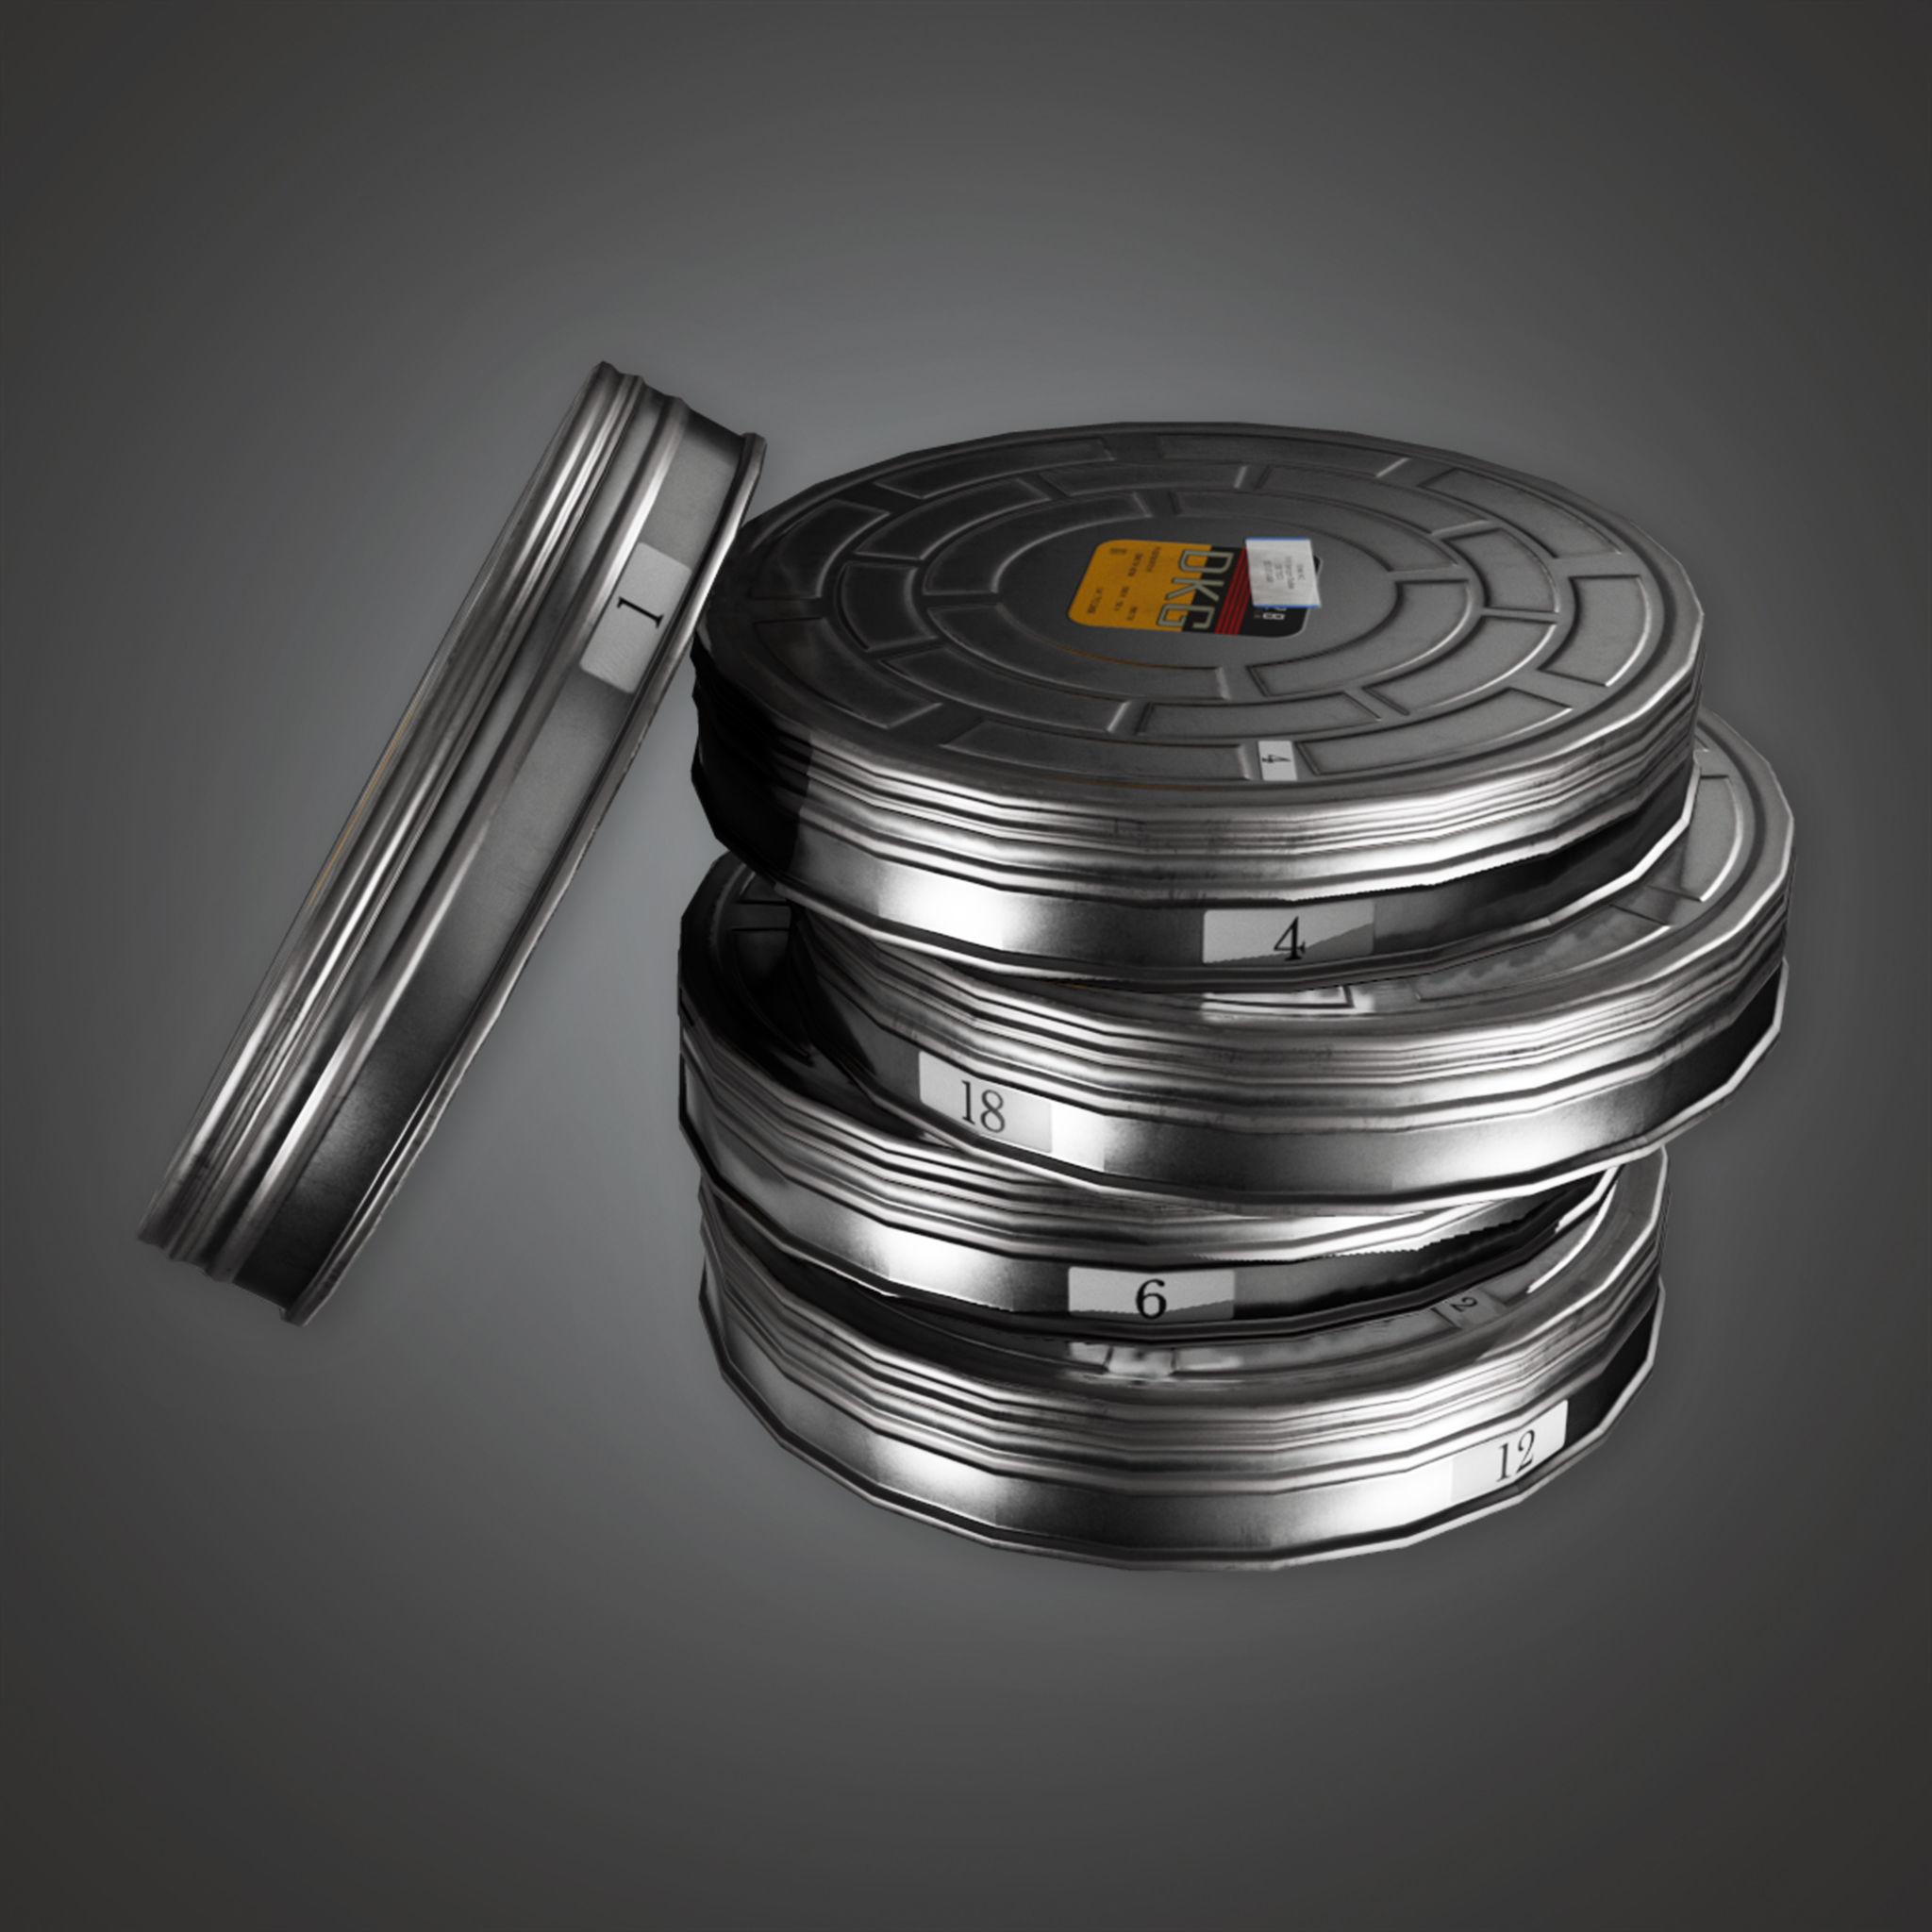 HLW - Film Briefcase - PBR Game Ready